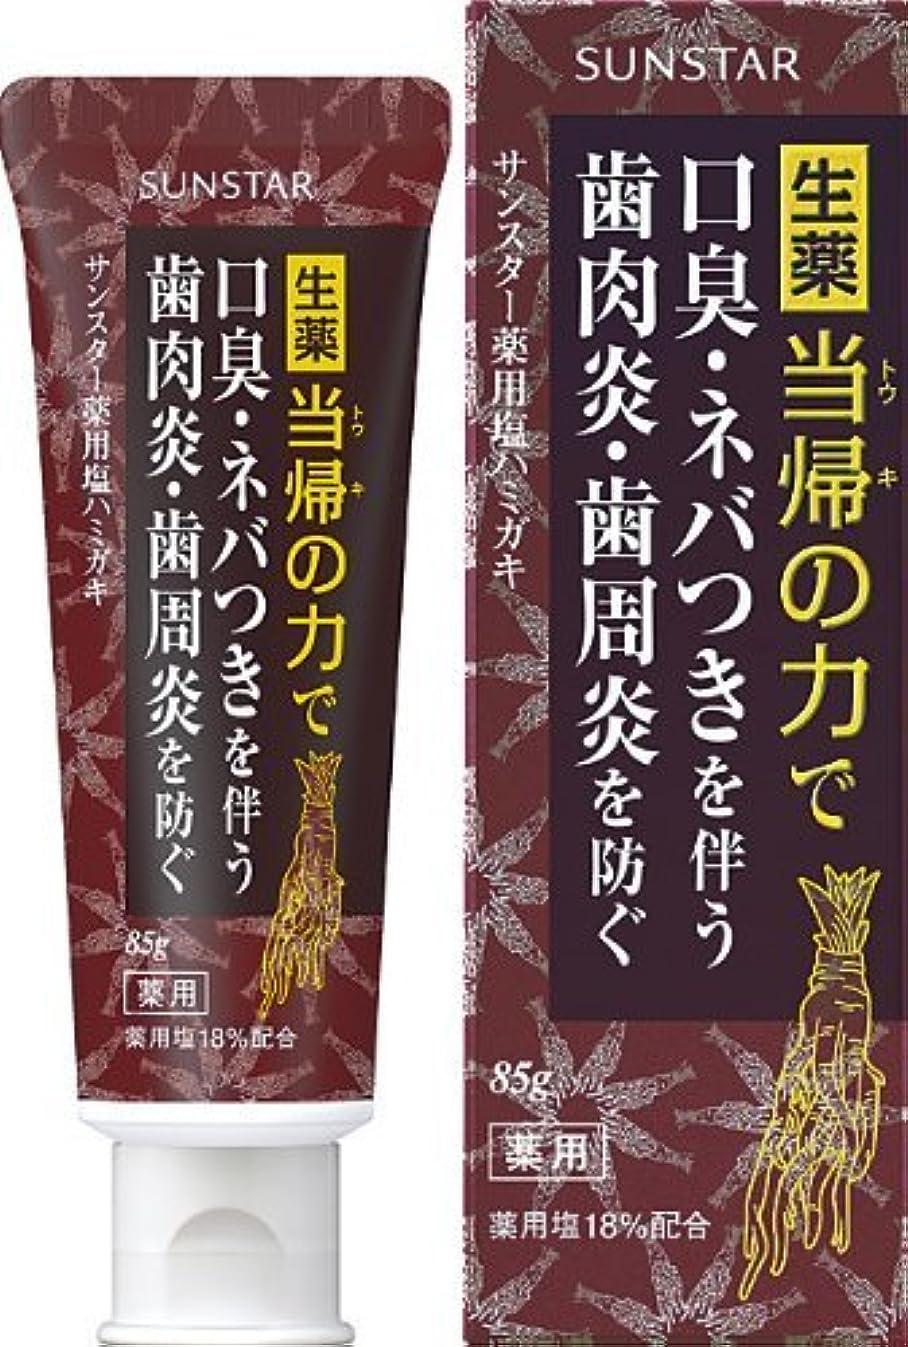 シャンプーパウダーセッティングサンスター 薬用塩ハミガキ 85g (医薬部外品)